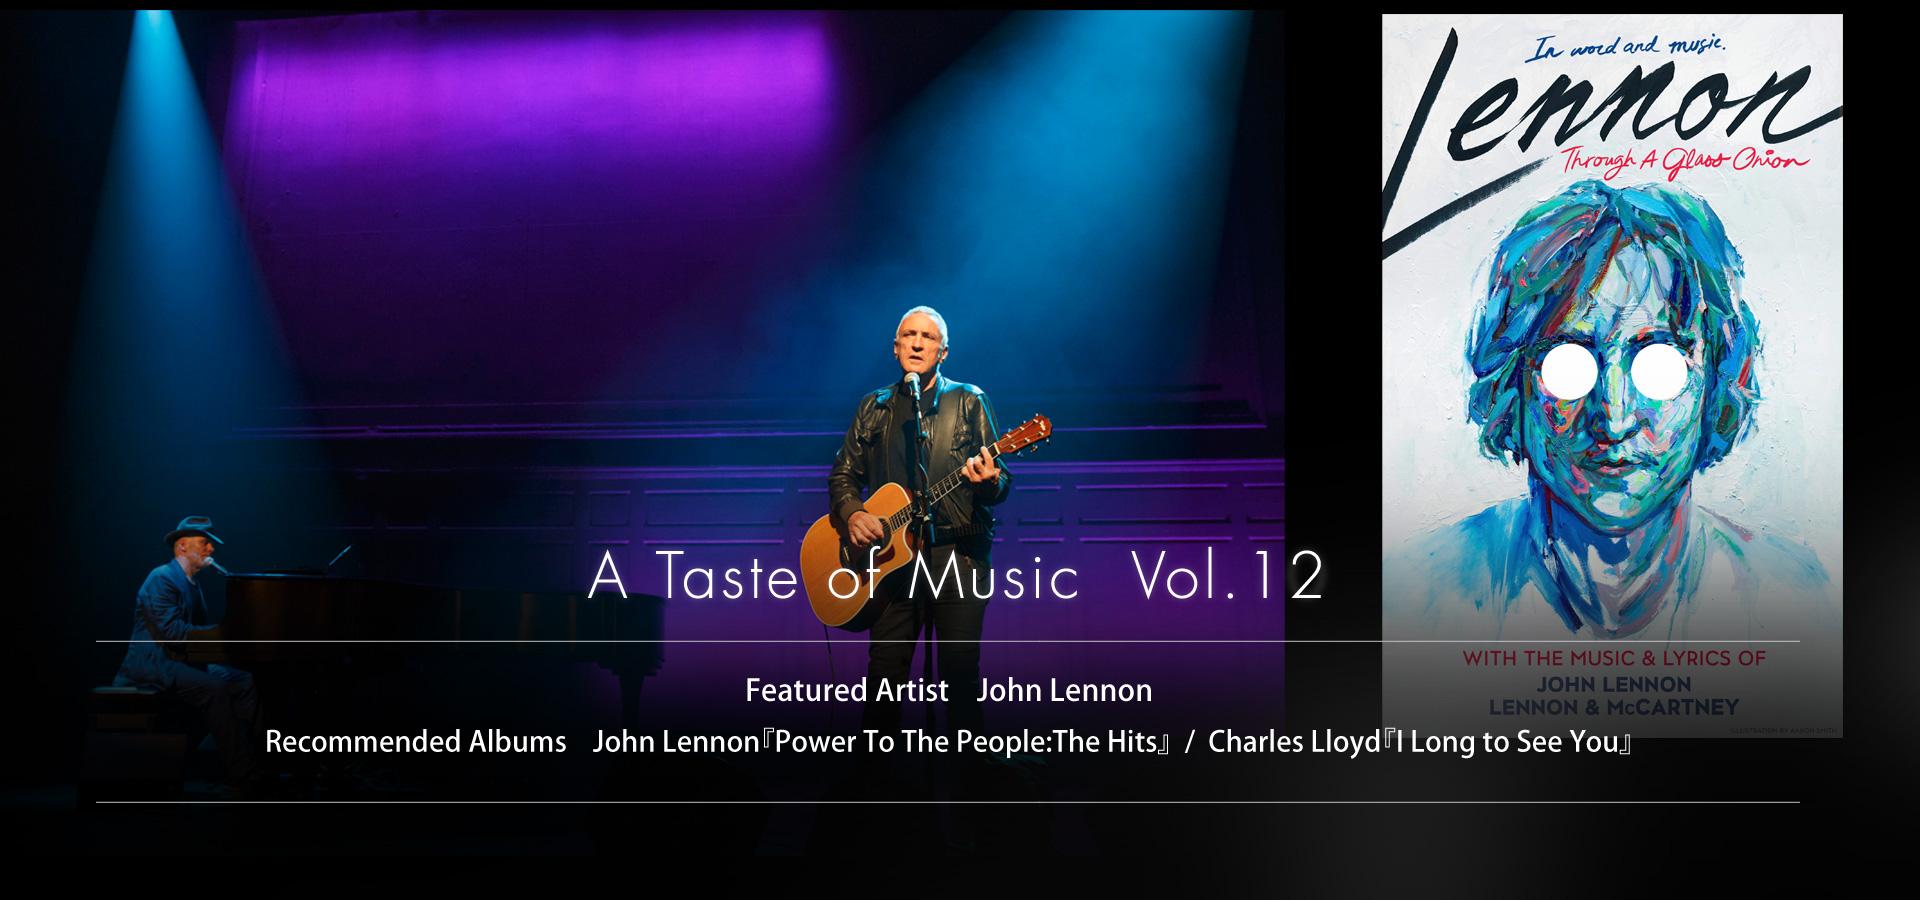 slider image A Taste of Music Vol.12